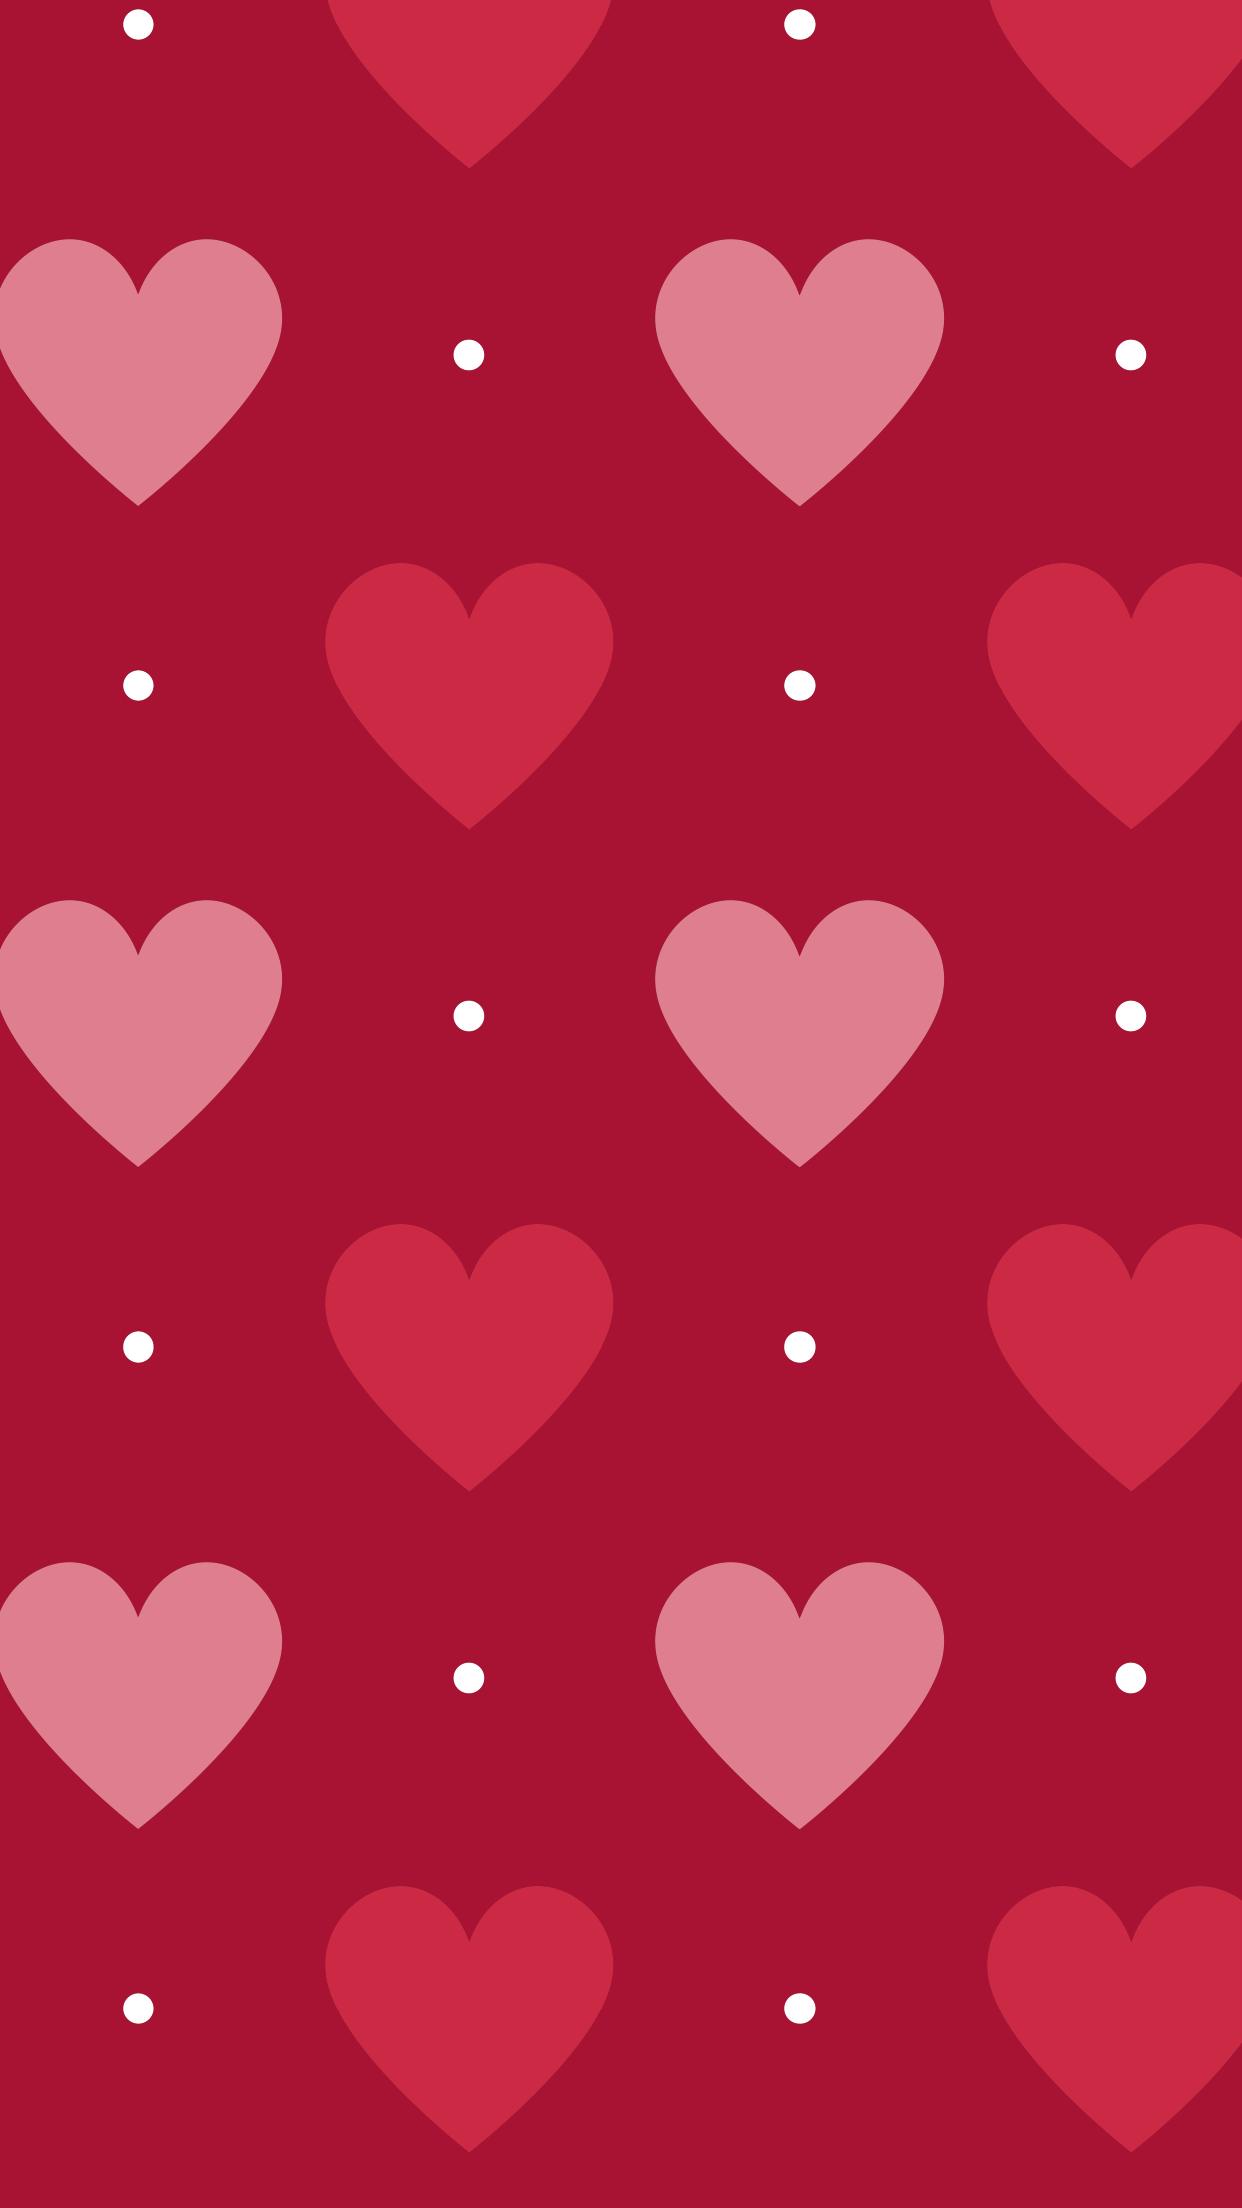 Pics photos pink polka dot s wallpaper - Pink Red Hearts Polka Dots